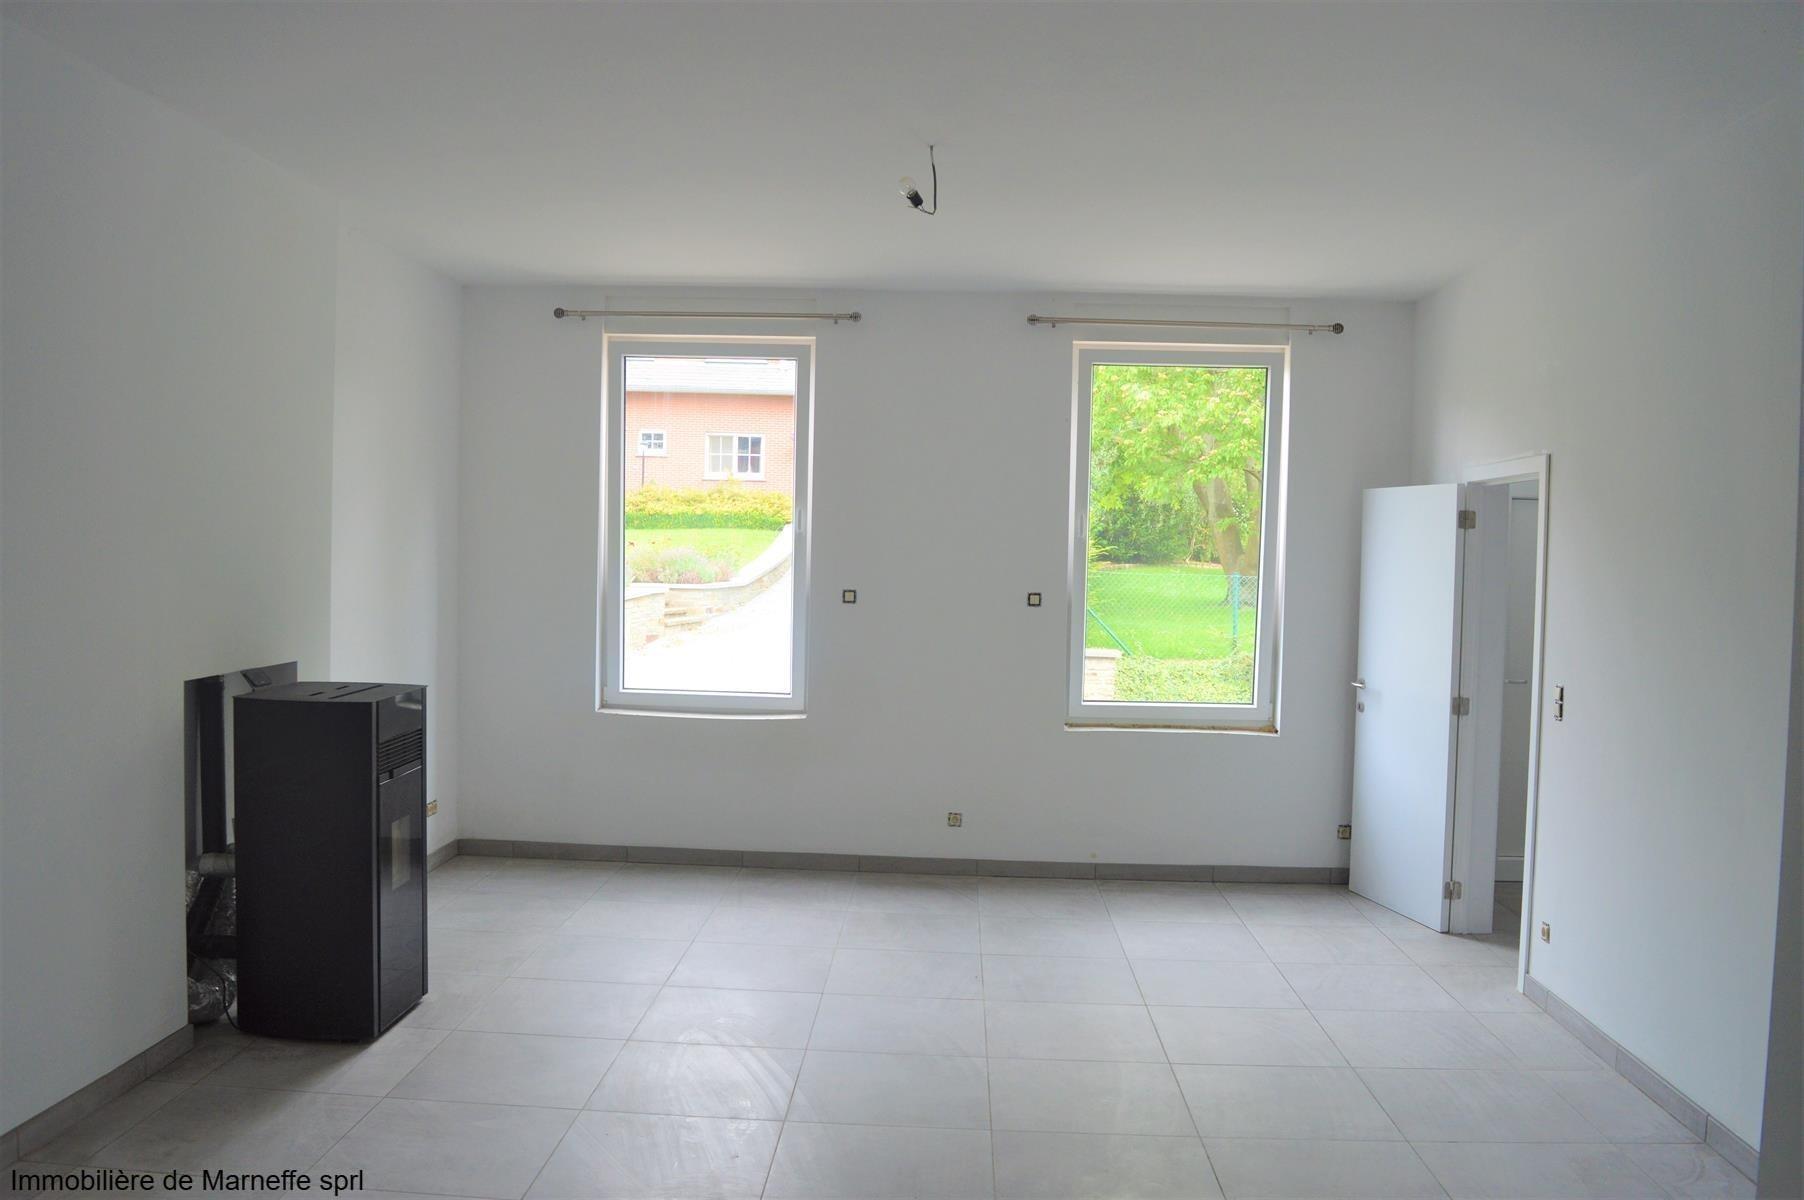 Maison - Verlaine - #4442592-2